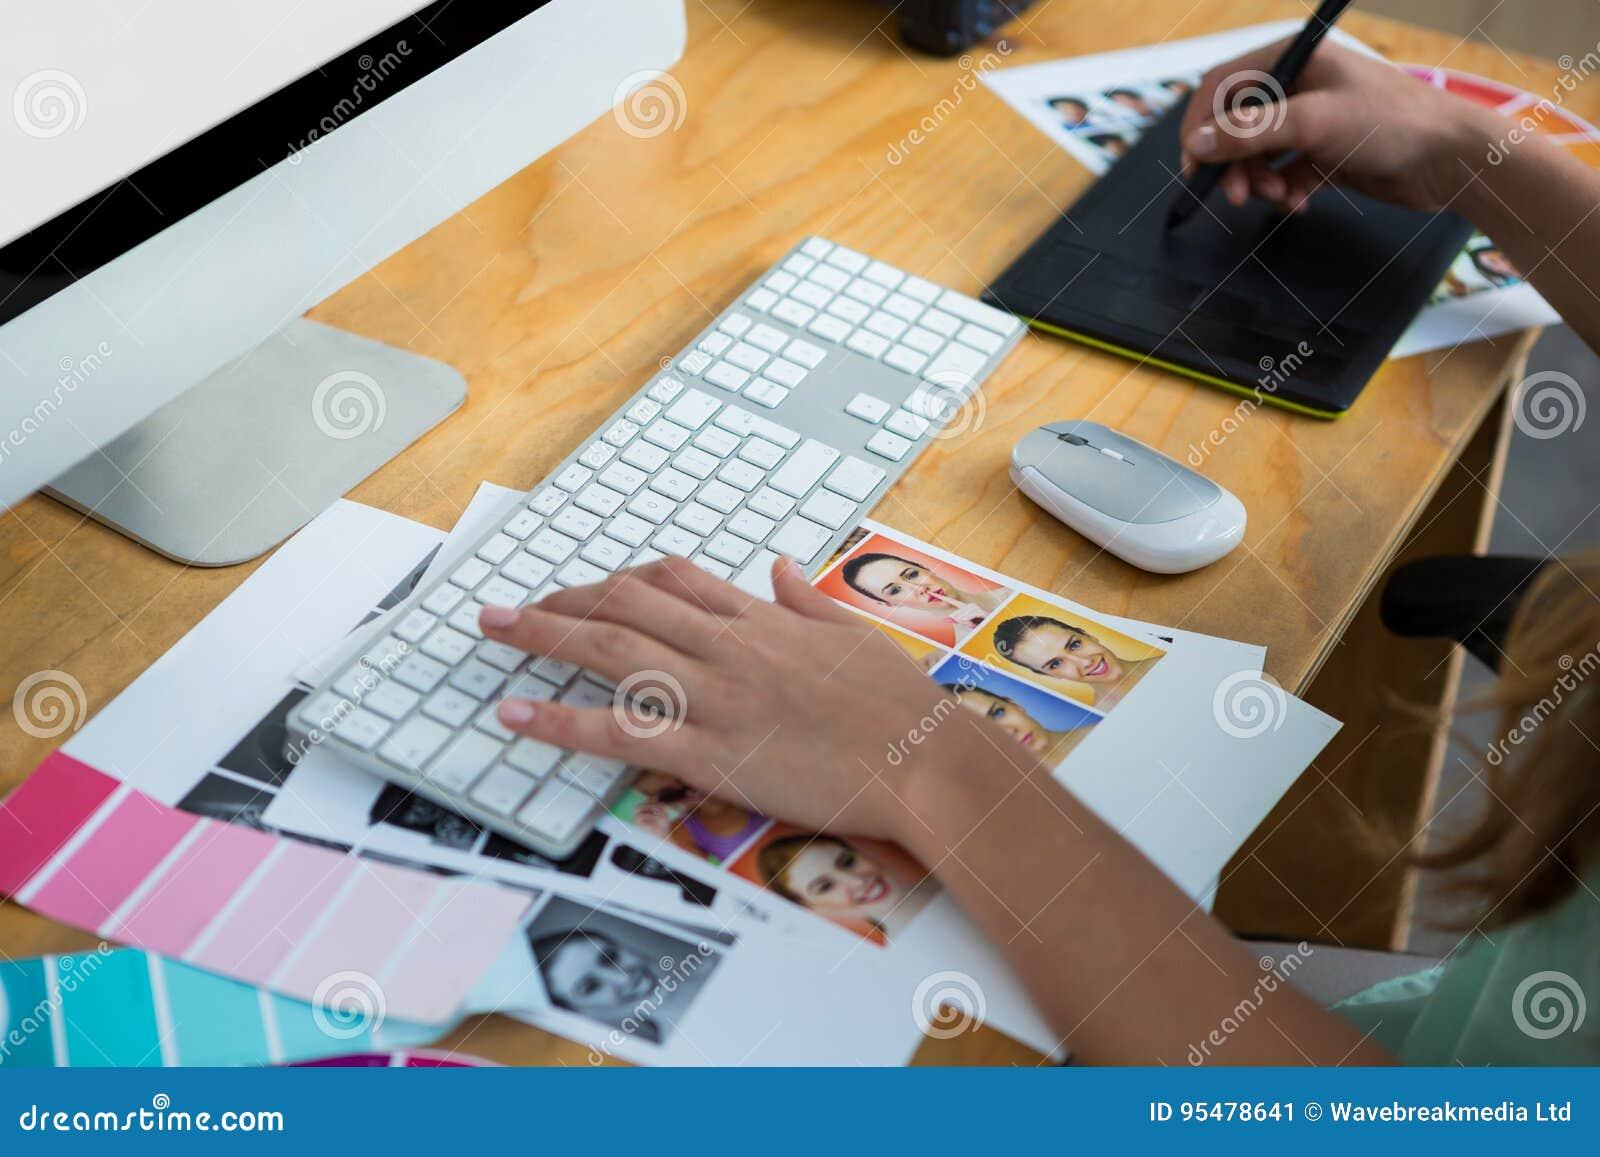 Zakończenie pracuje przy biurkiem żeński projektant grafik komputerowych